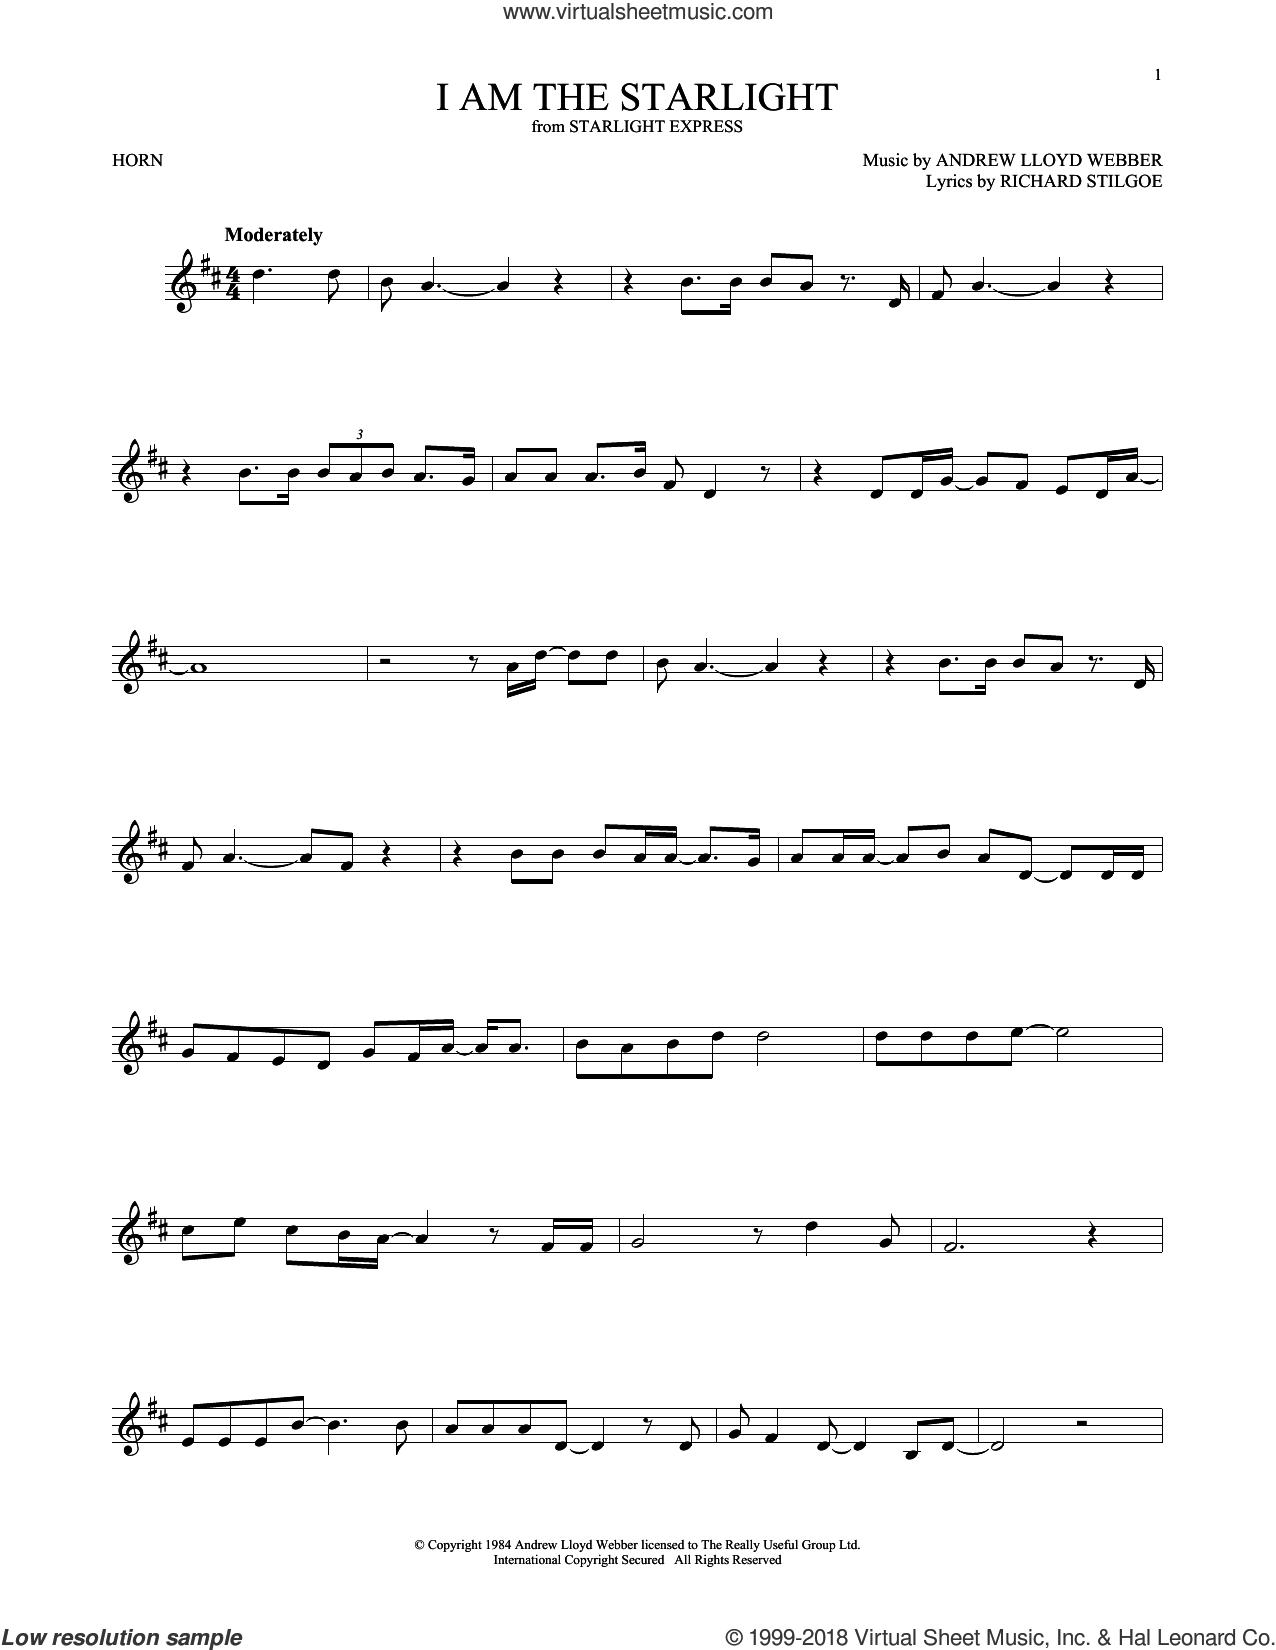 I Am The Starlight sheet music for horn solo by Andrew Lloyd Webber and Richard Stilgoe, intermediate skill level